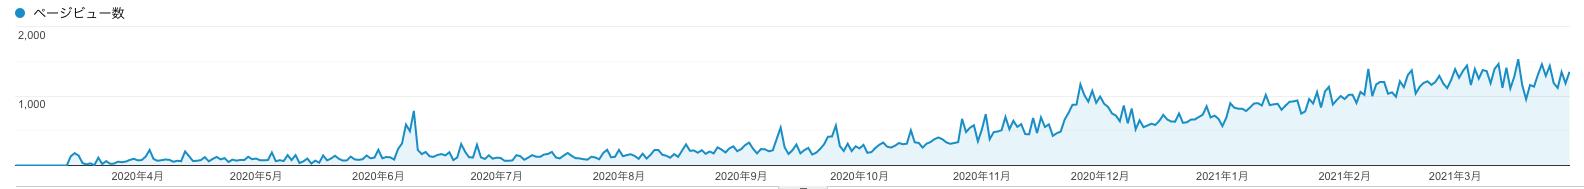 ブログ1年経過収益_アナリティクス